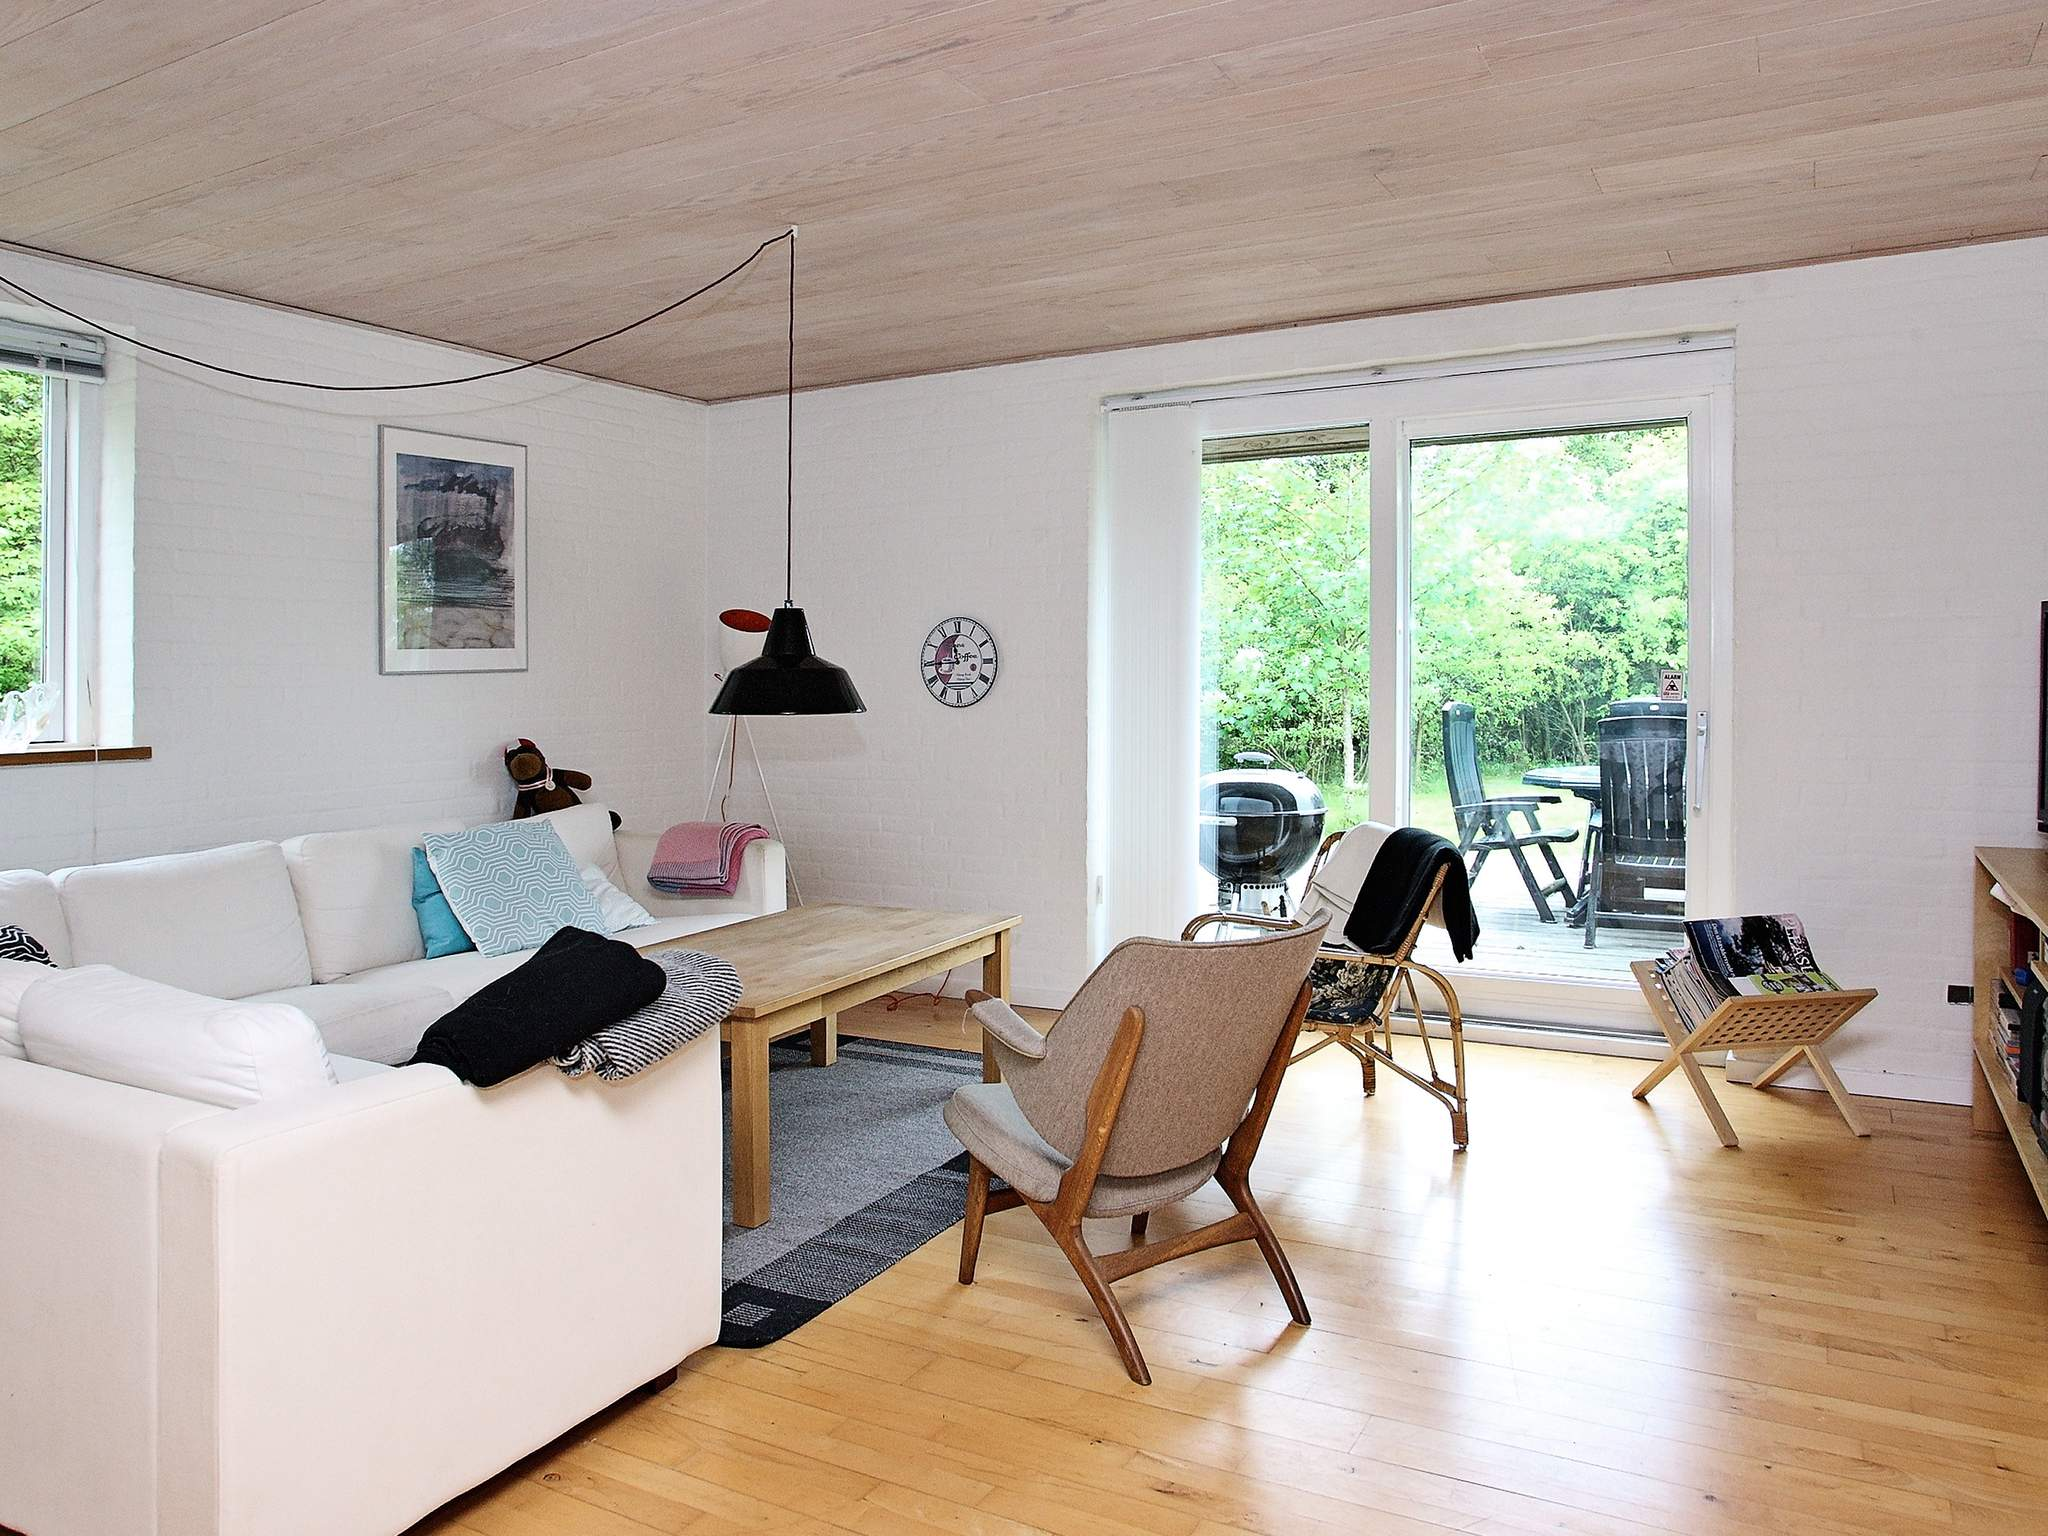 Ferienhaus Lynderup (953846), Lynderup, , Ostjütland, Dänemark, Bild 2